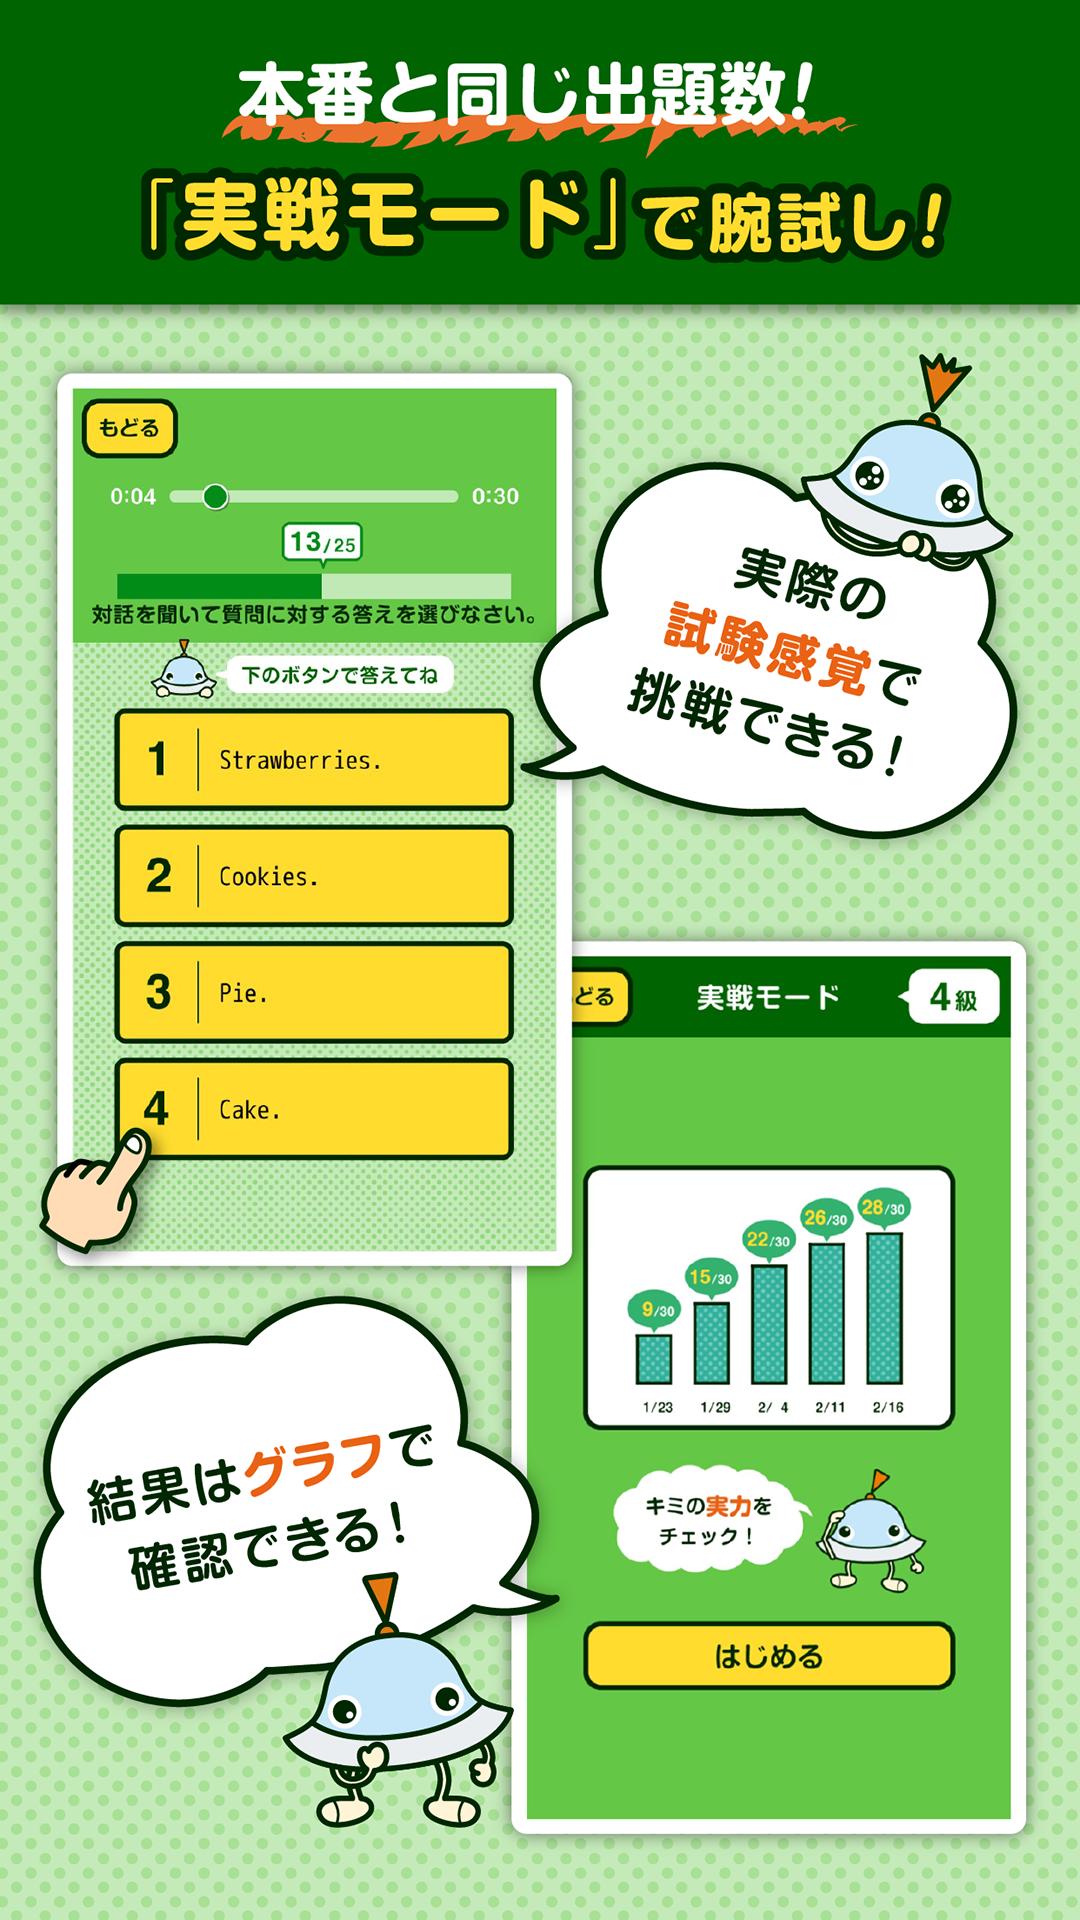 【英語アプリ子供向け】『英検リスニングマスター5級4級』レビュー